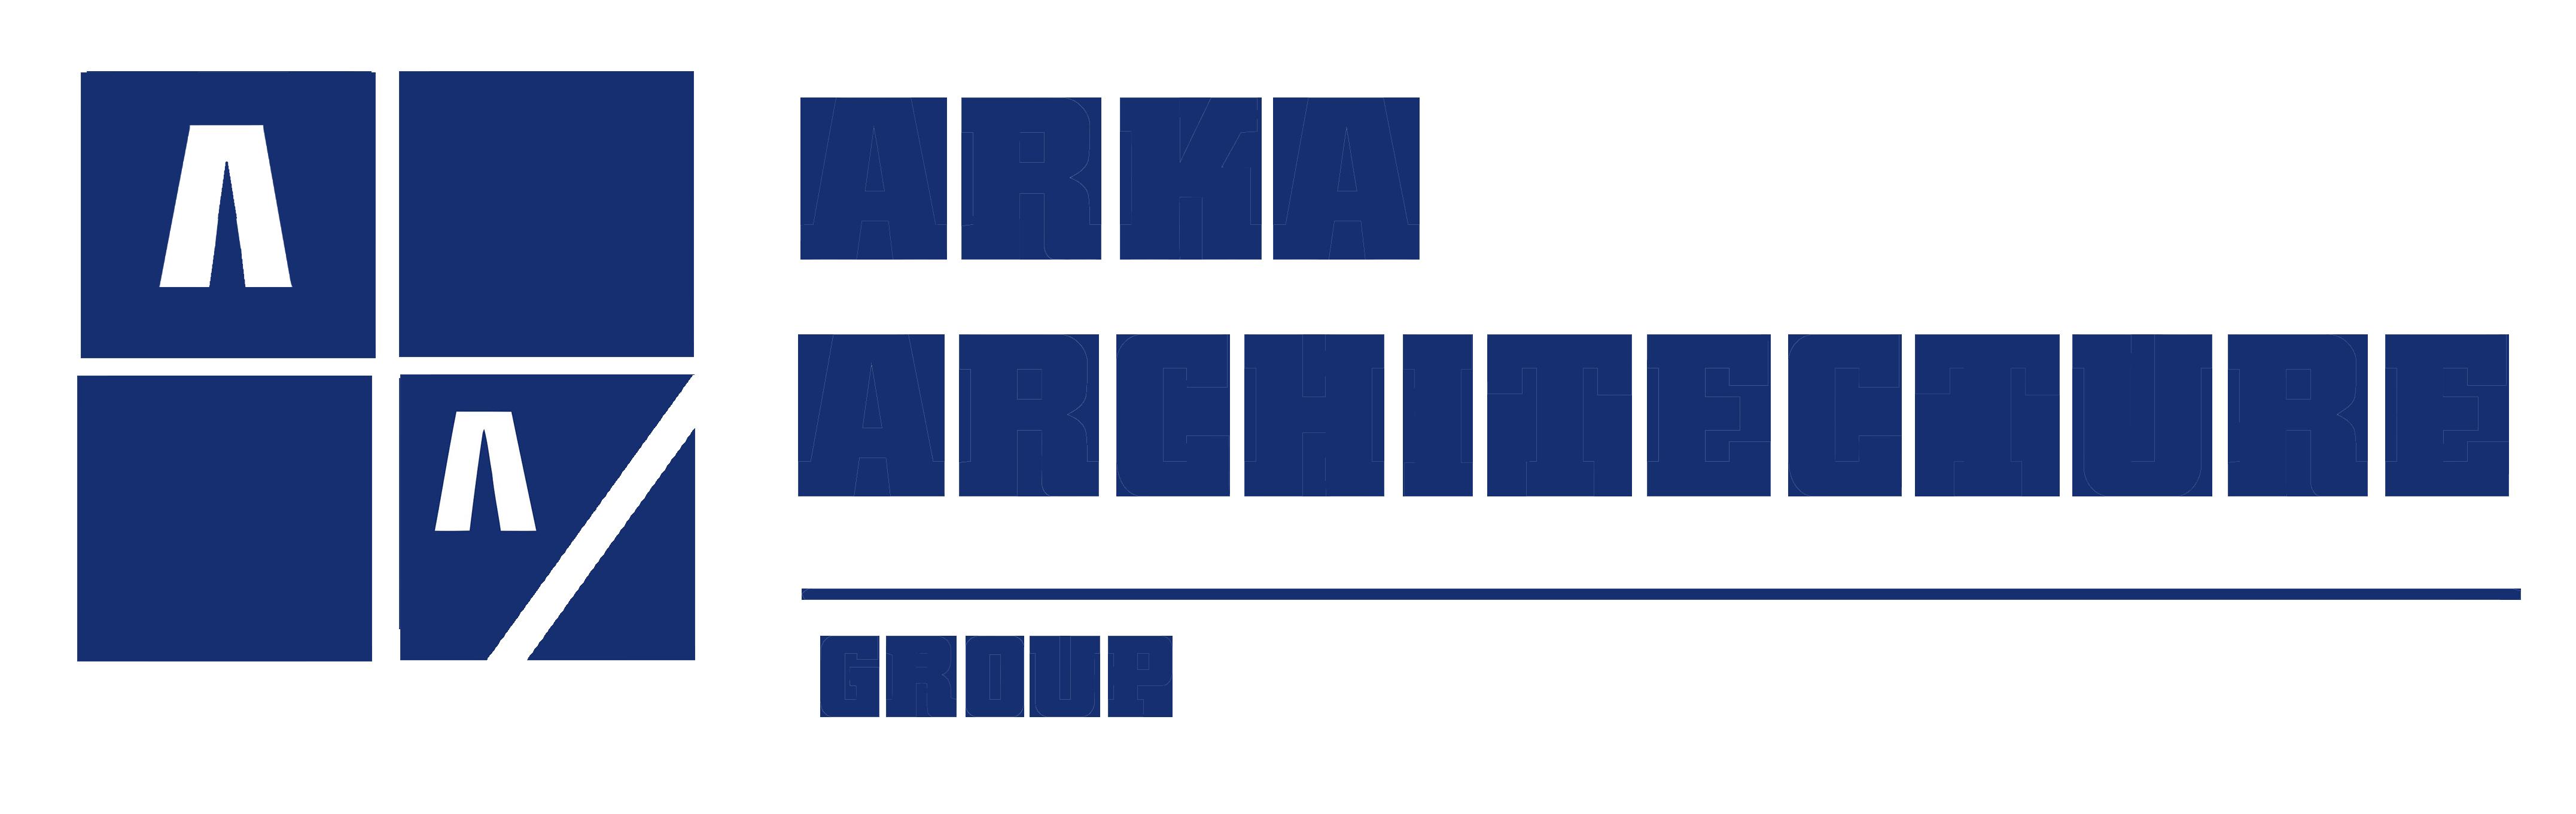 لوگوی آرکا